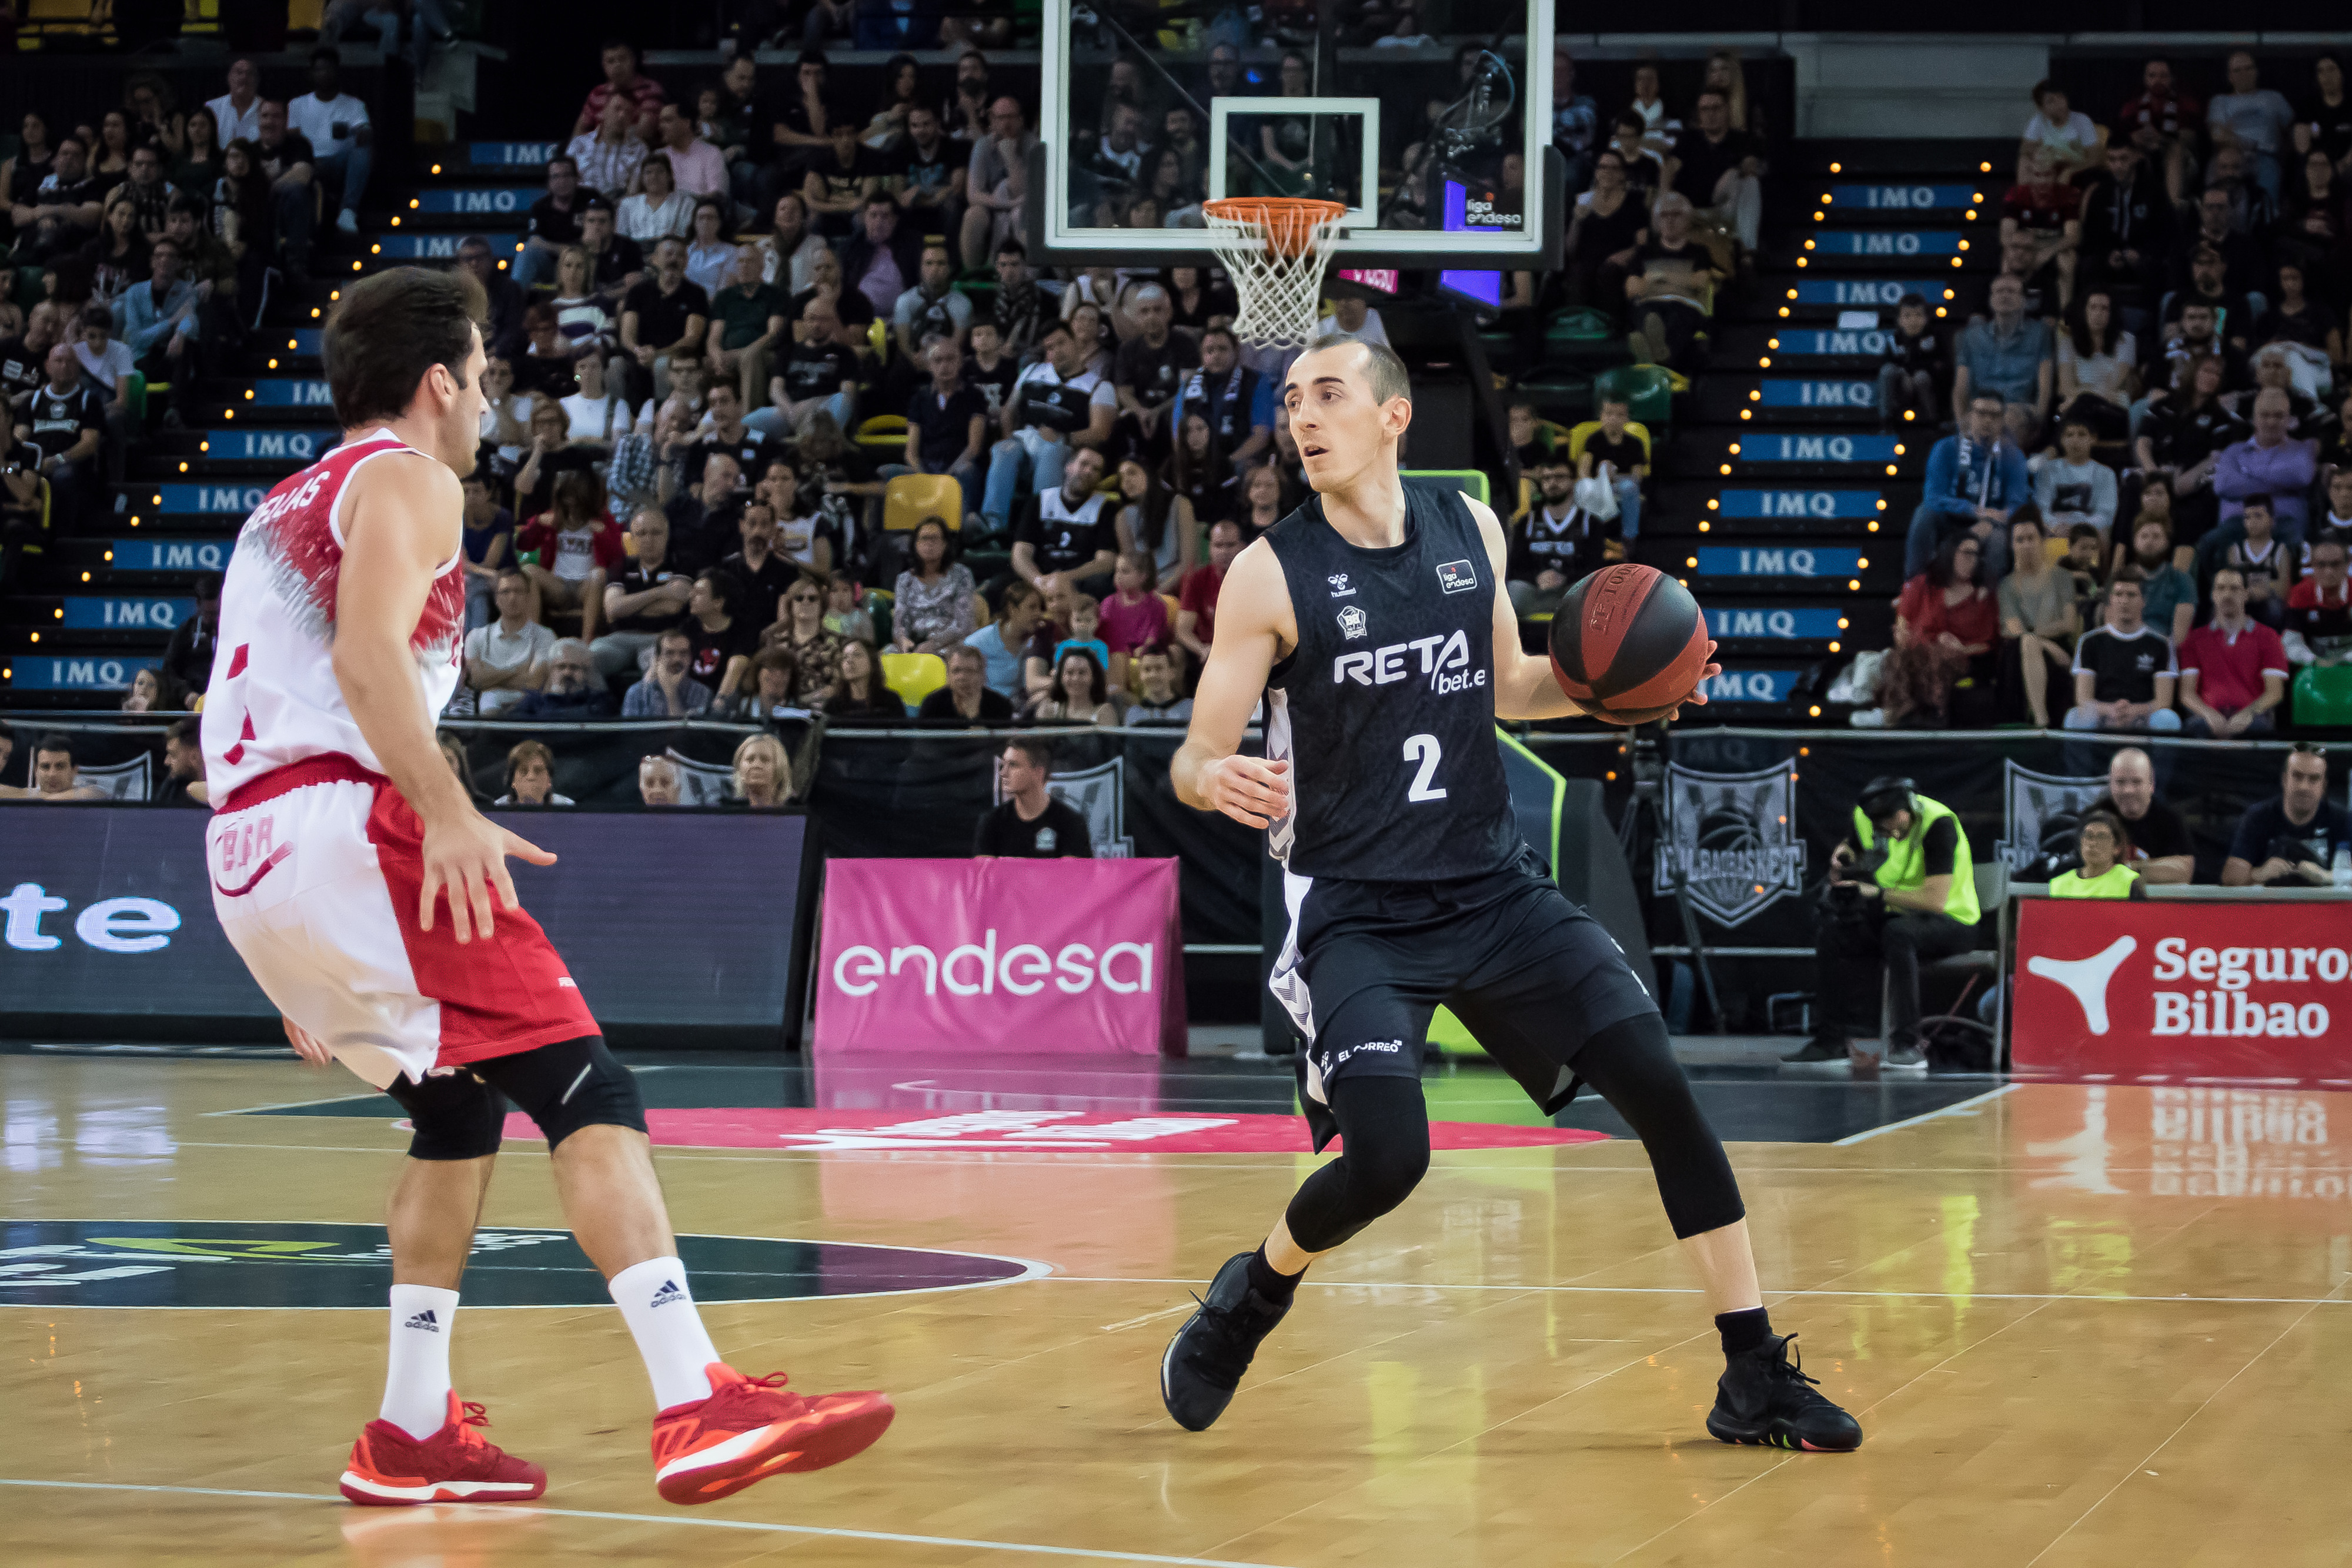 Rousselle dirigiendo el juego del Bilbao Basket (Foto: Luis Fernando Boo).